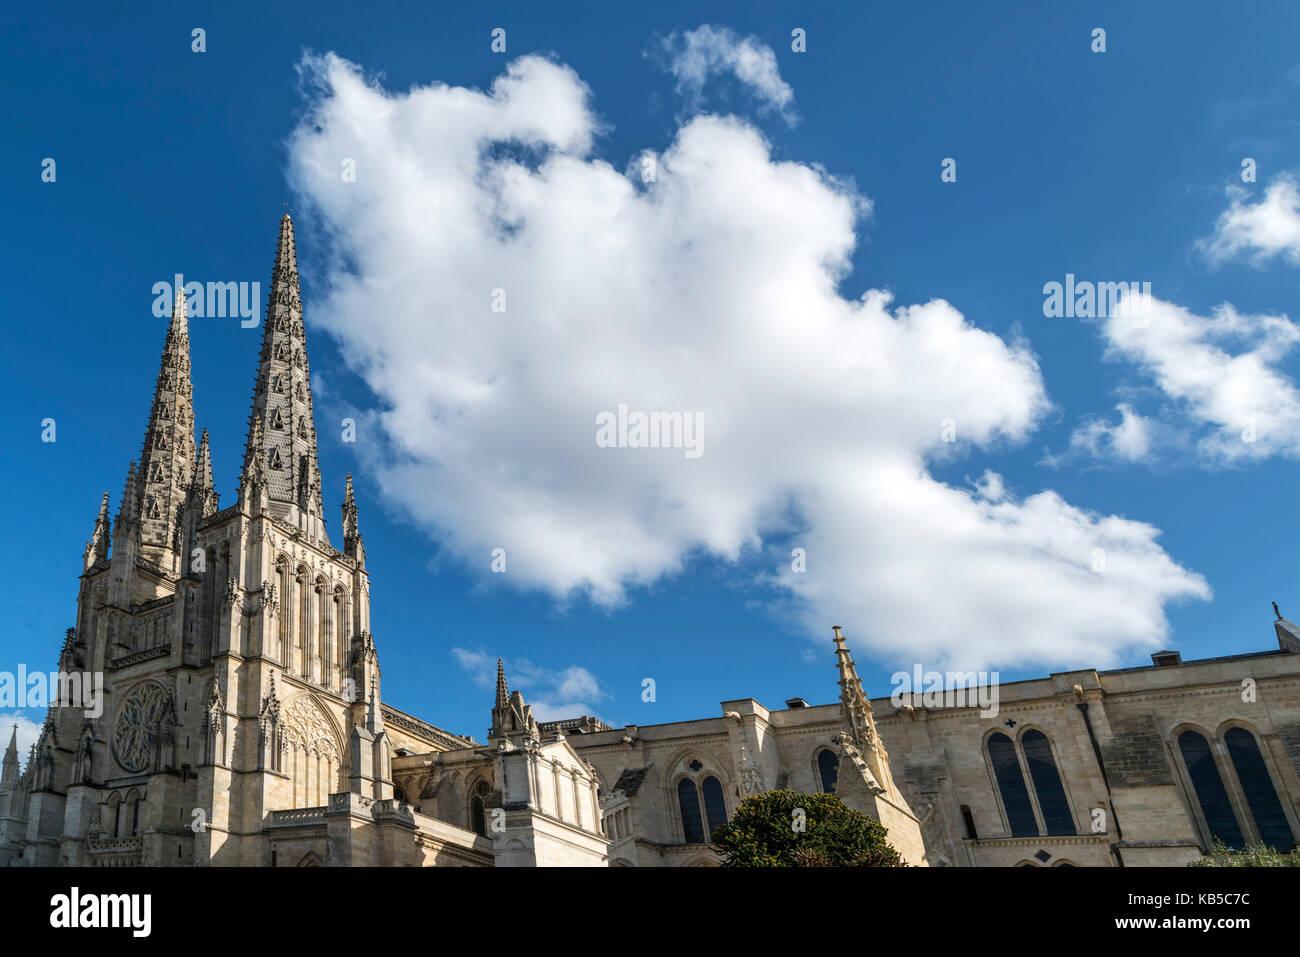 St Andre de Bordeaux Cathedral, Bordeaux, France - Stock Image